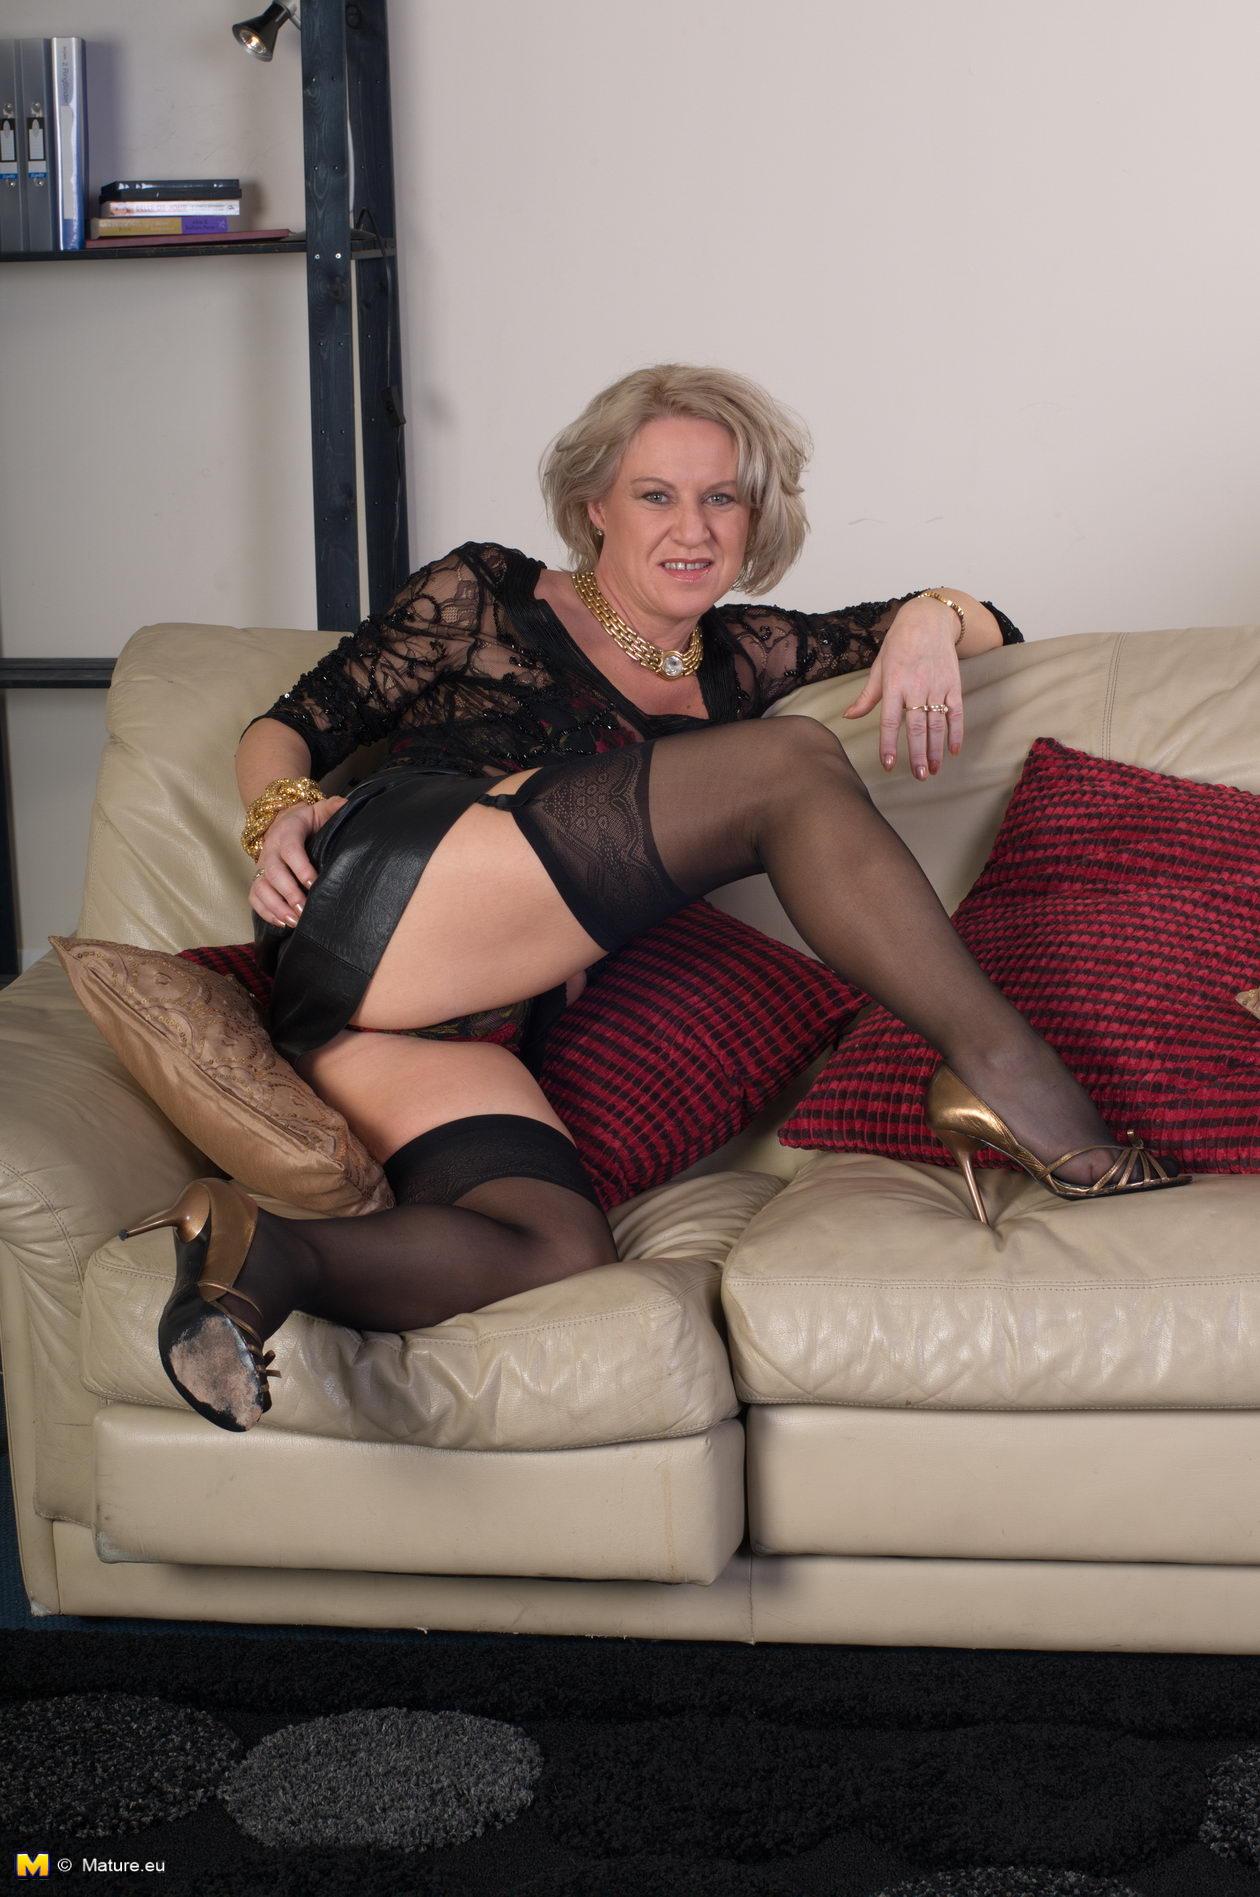 Эротика пожилых женщин блондинок 2 фотография